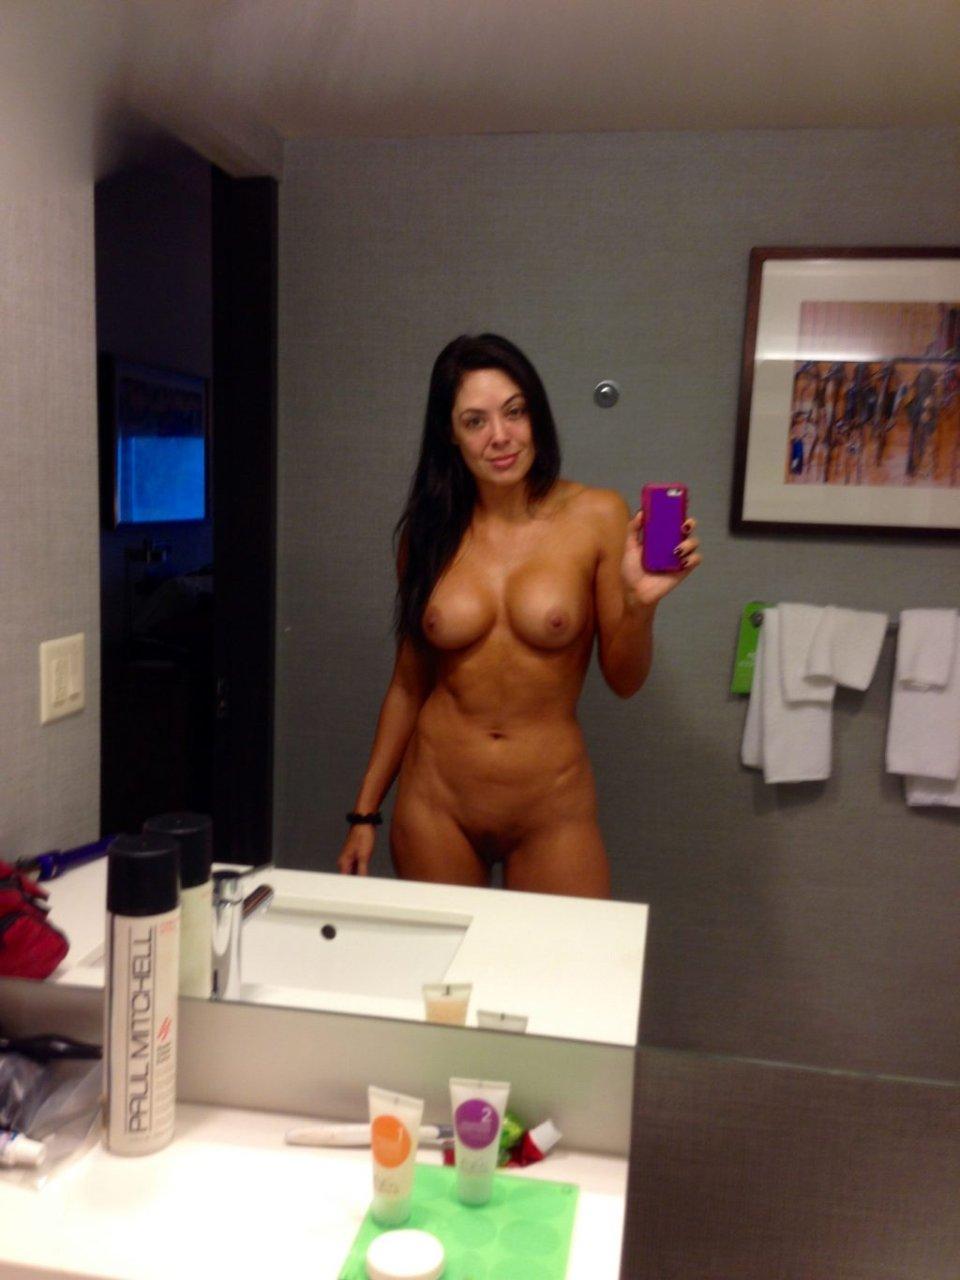 Cathy lugner nacktshow